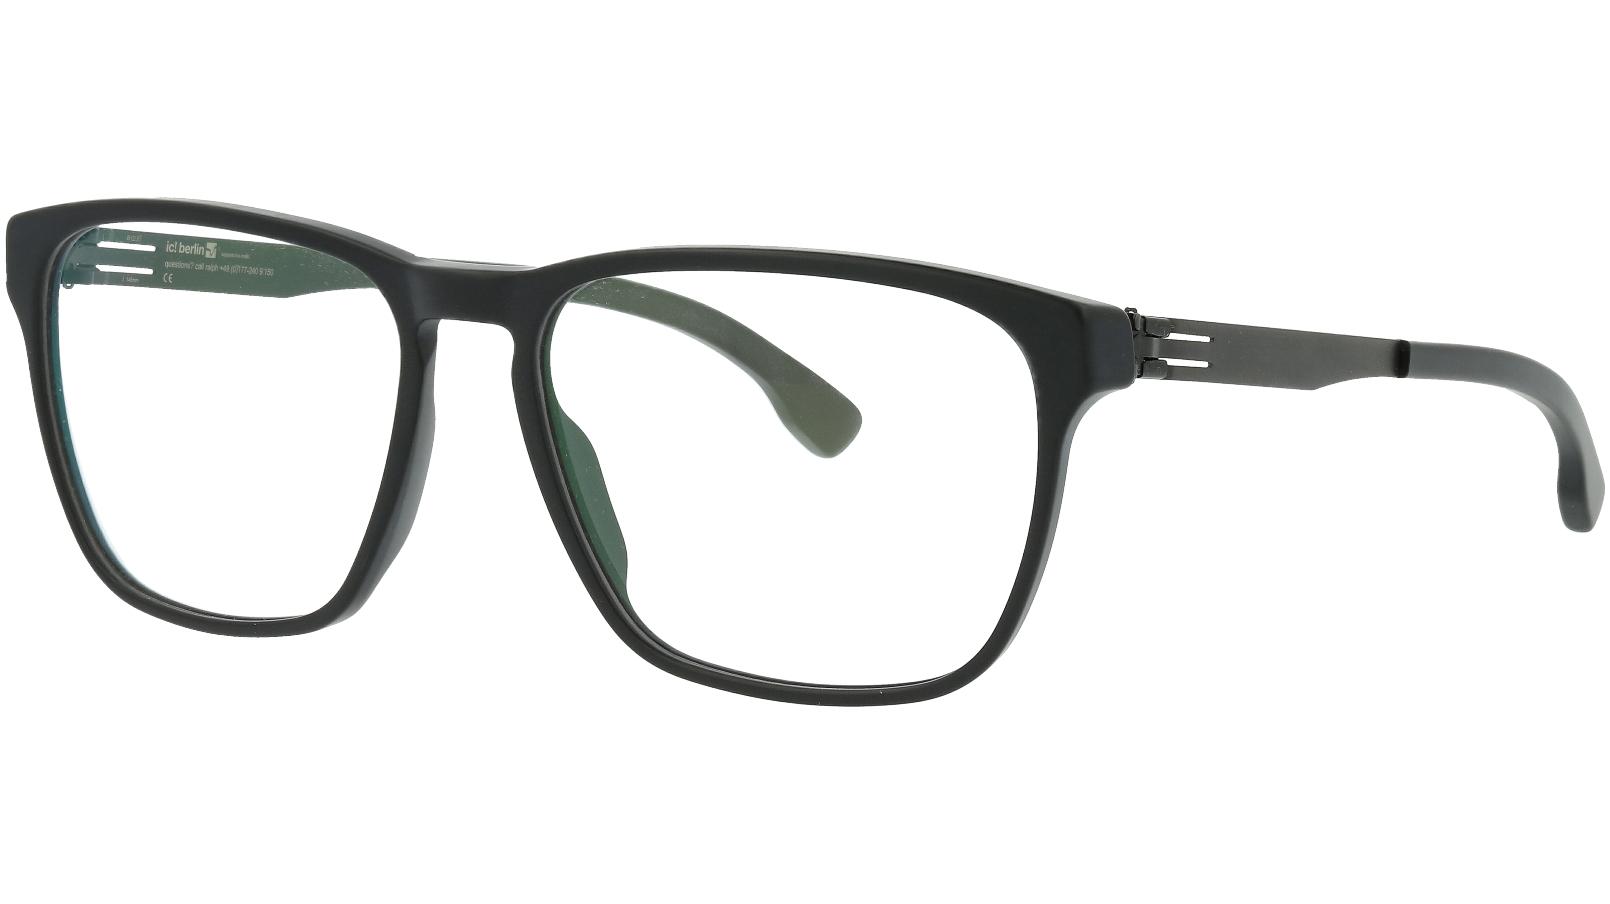 IC BERLIN! Danny H Matt Black Full-Rim Glasses